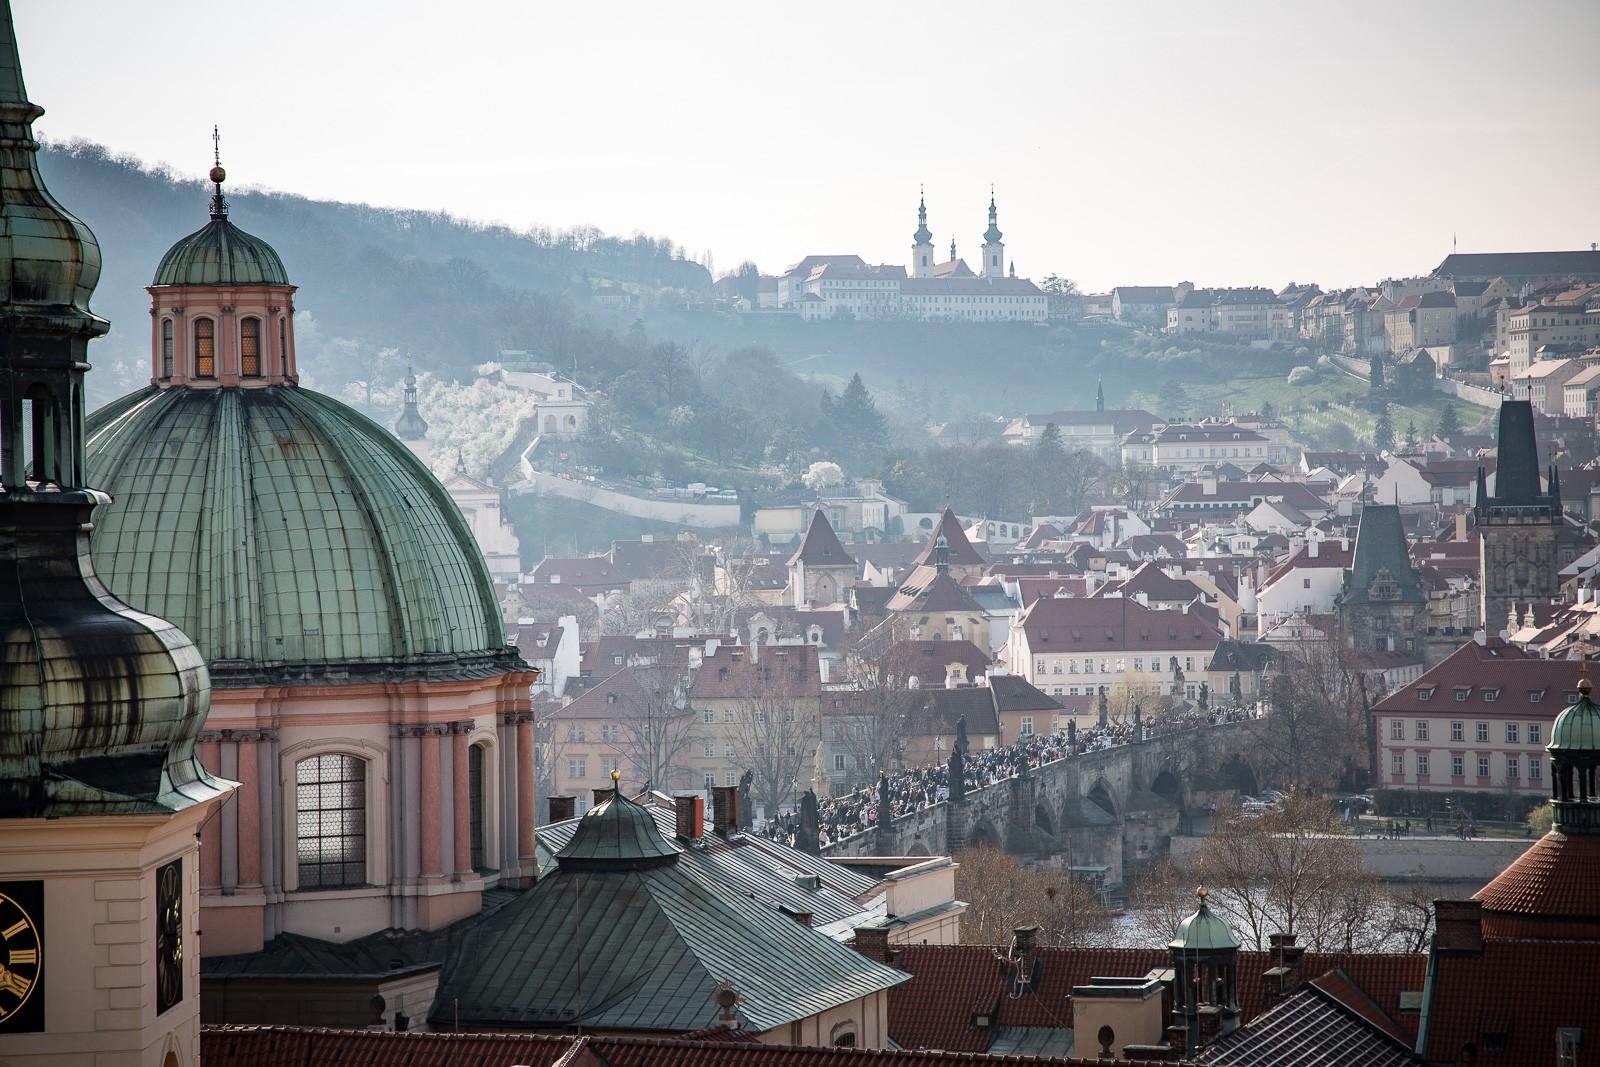 Blick vom astronomischen Turm des Clementinums über Prag Richtung Burg und Karlsbrücke